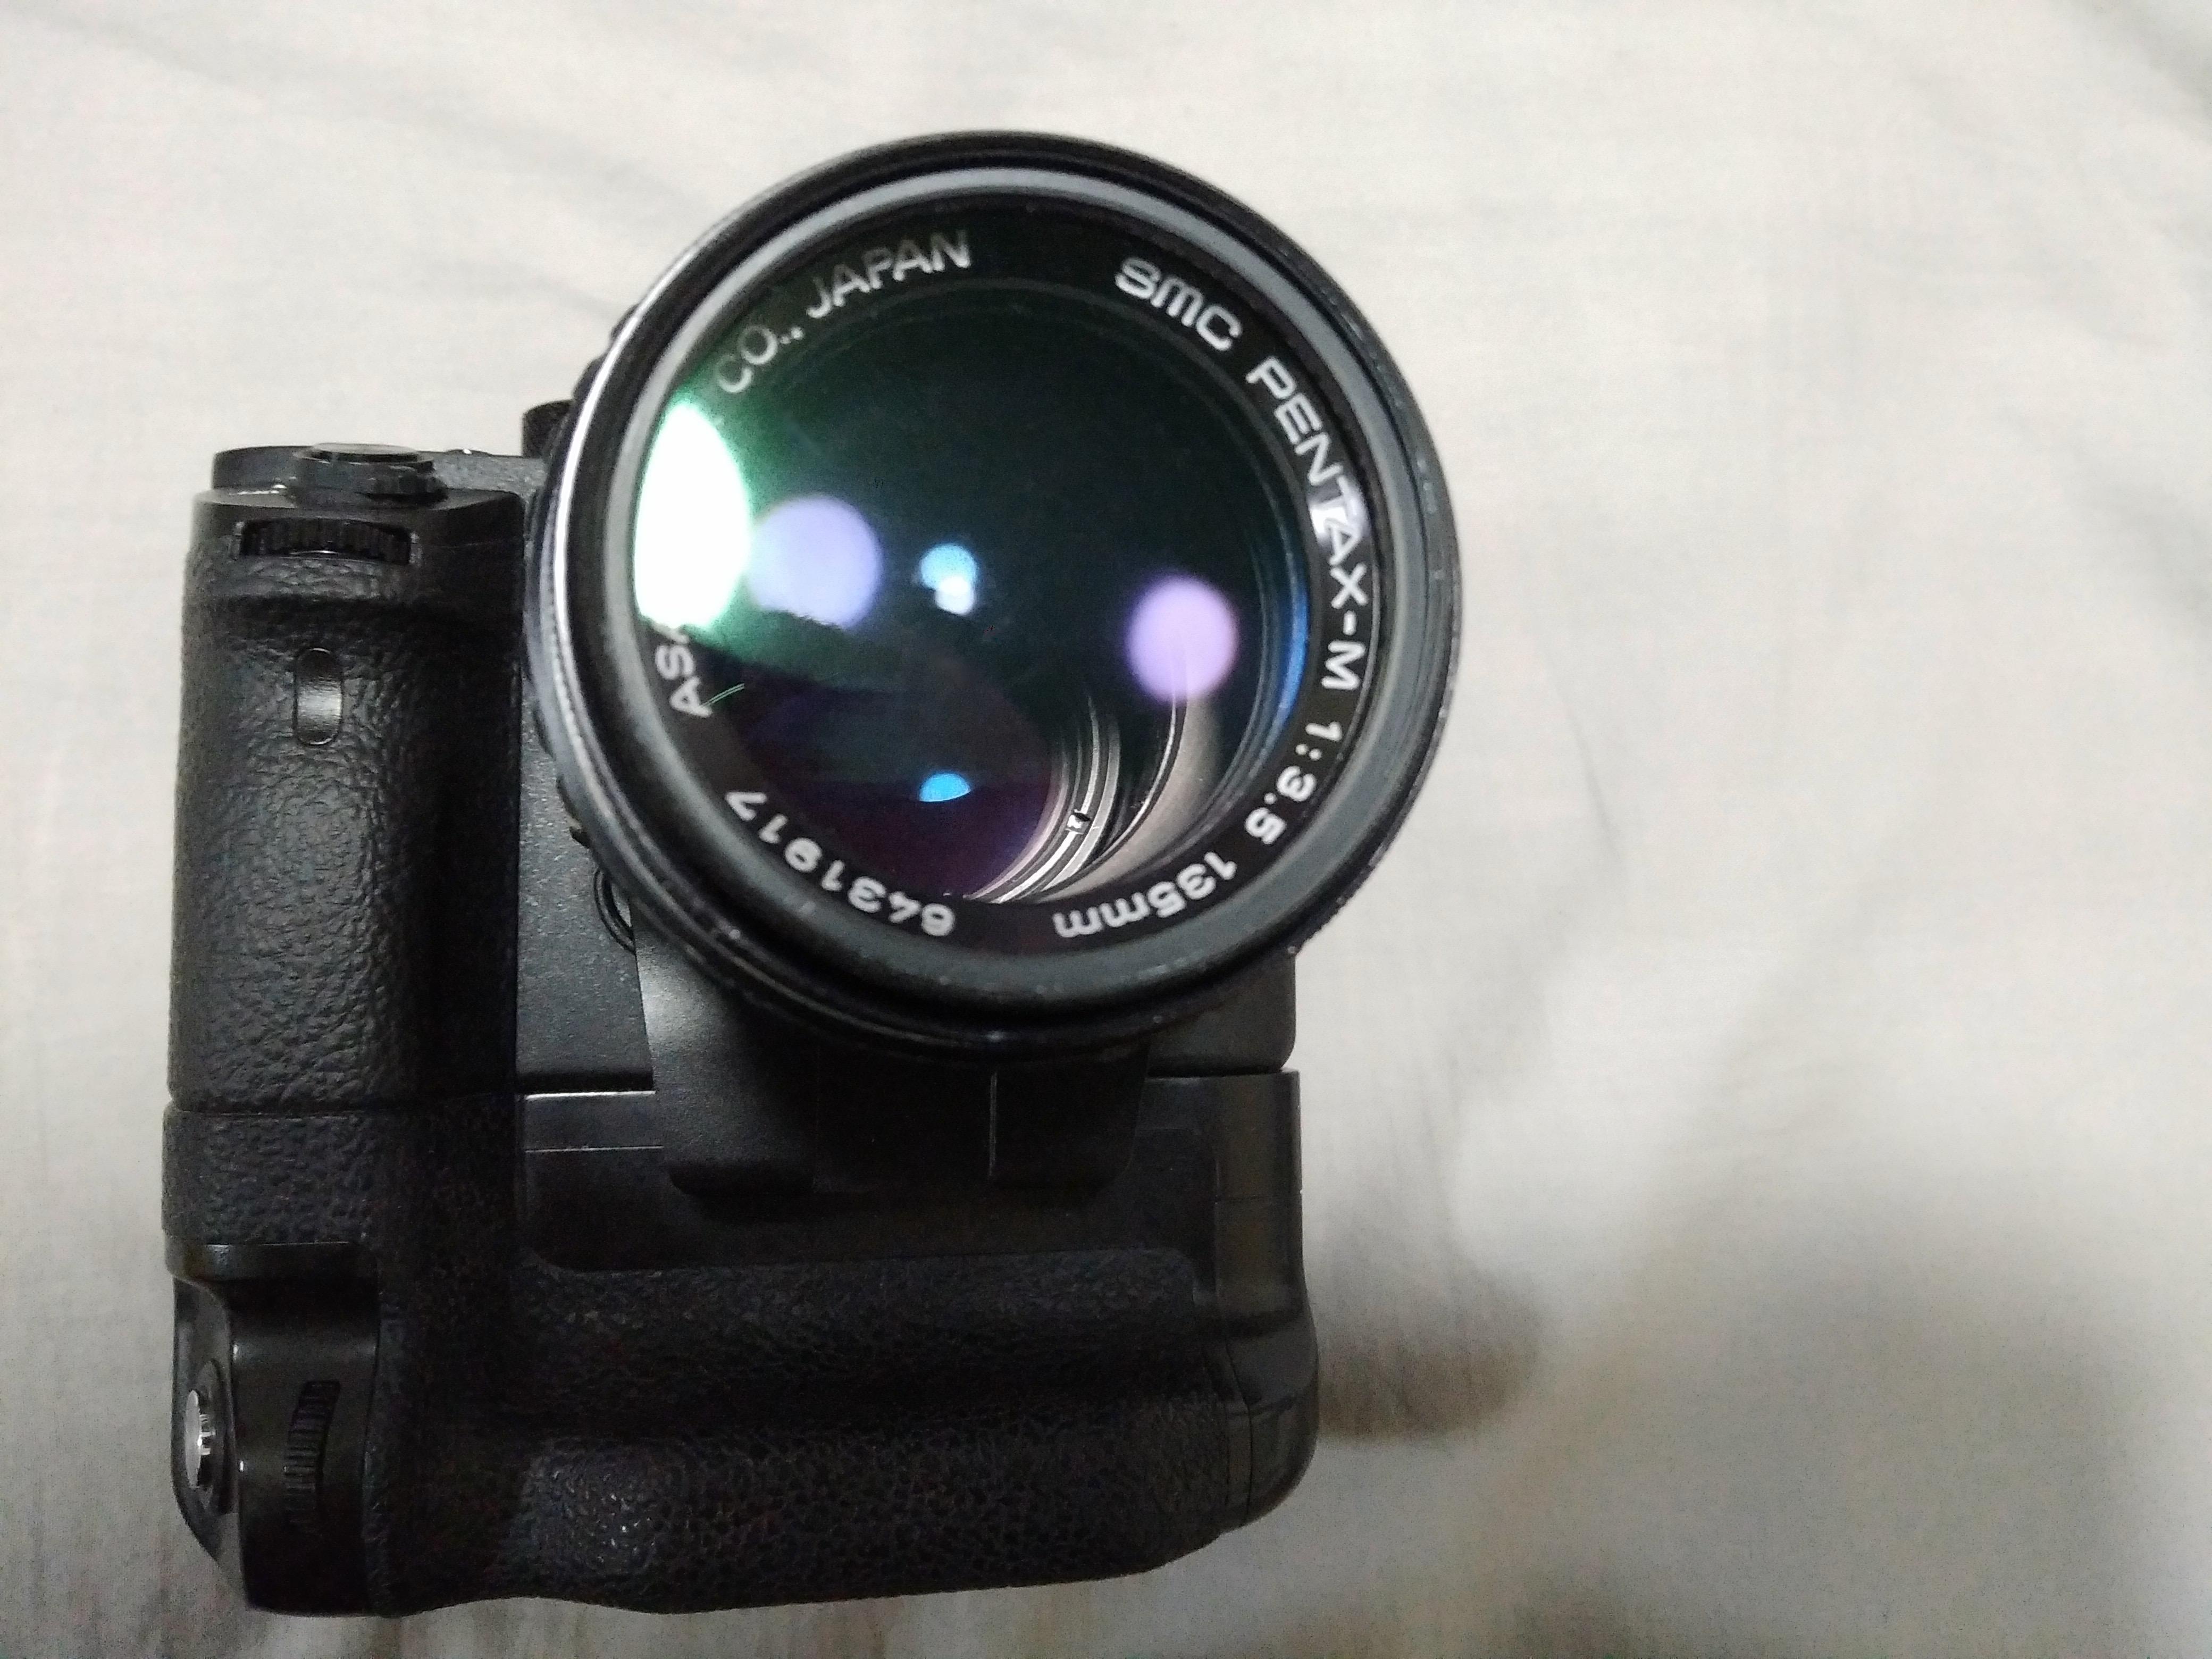 【样片】百元人像:宾得 SMC Pentax-M 135 F3.5 定焦镜头